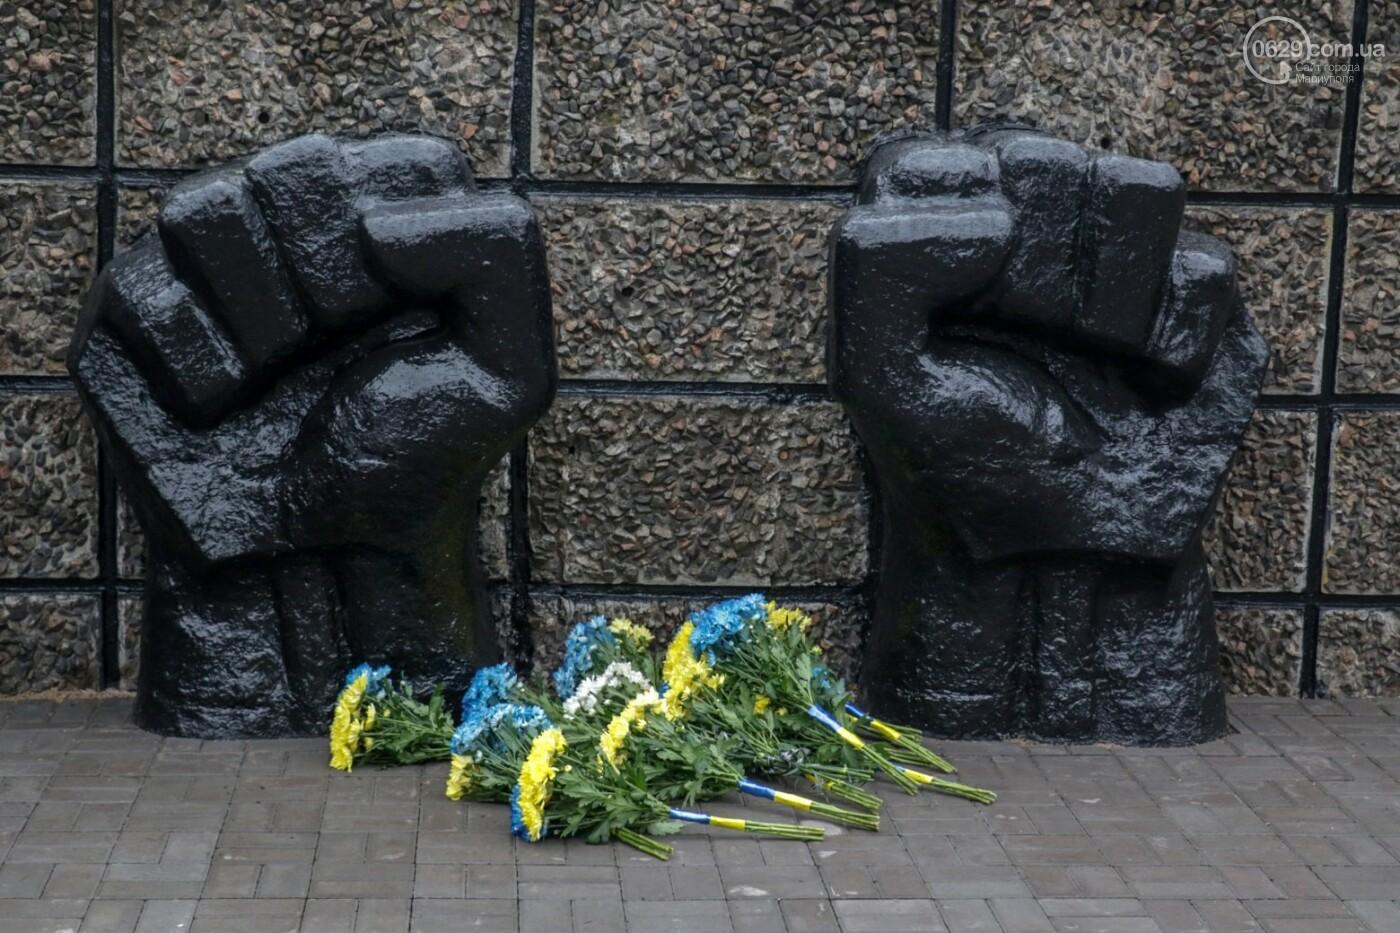 «Выкупили за 3 рейхсмарки». В Мариуполе возложили цветы в память об узниках фашистских концлагерей, - ФОТО, фото-13